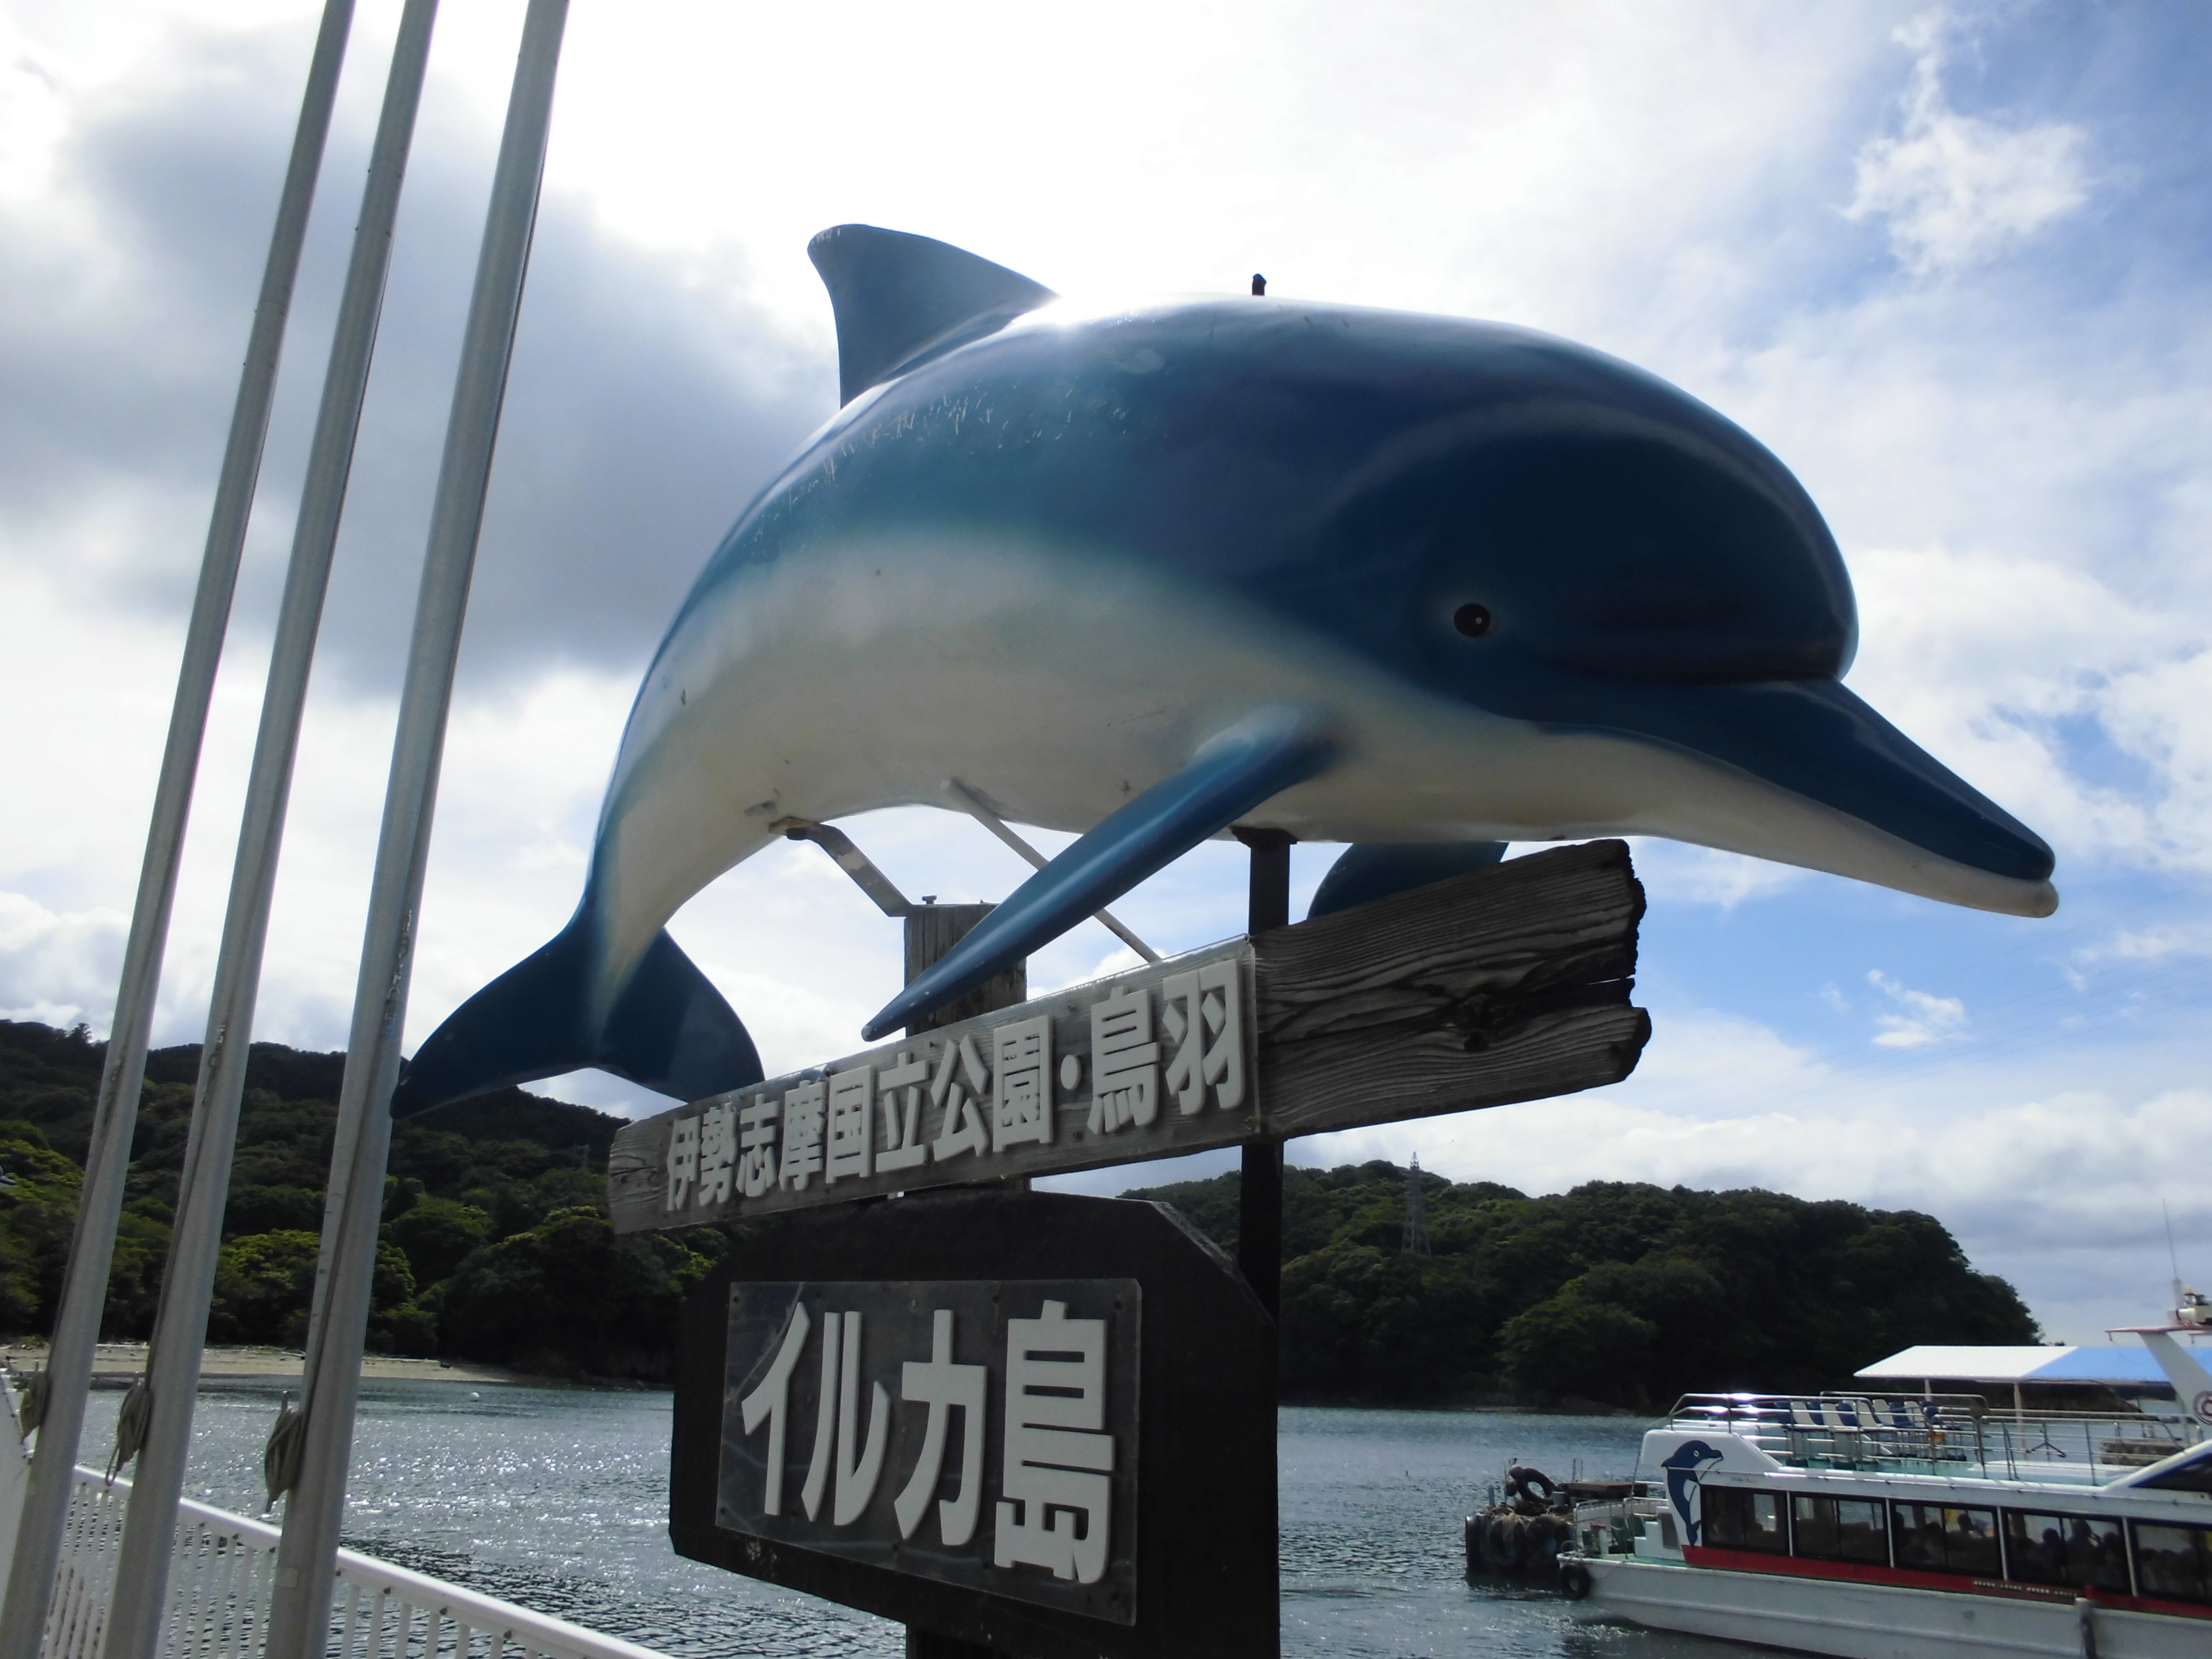 アバンギャルドな豪華遊覧船に乗って、イルカの島に上陸しよう!!【鳥羽湾めぐりとイルカ島に参加しました。by-VEGETAPSY】